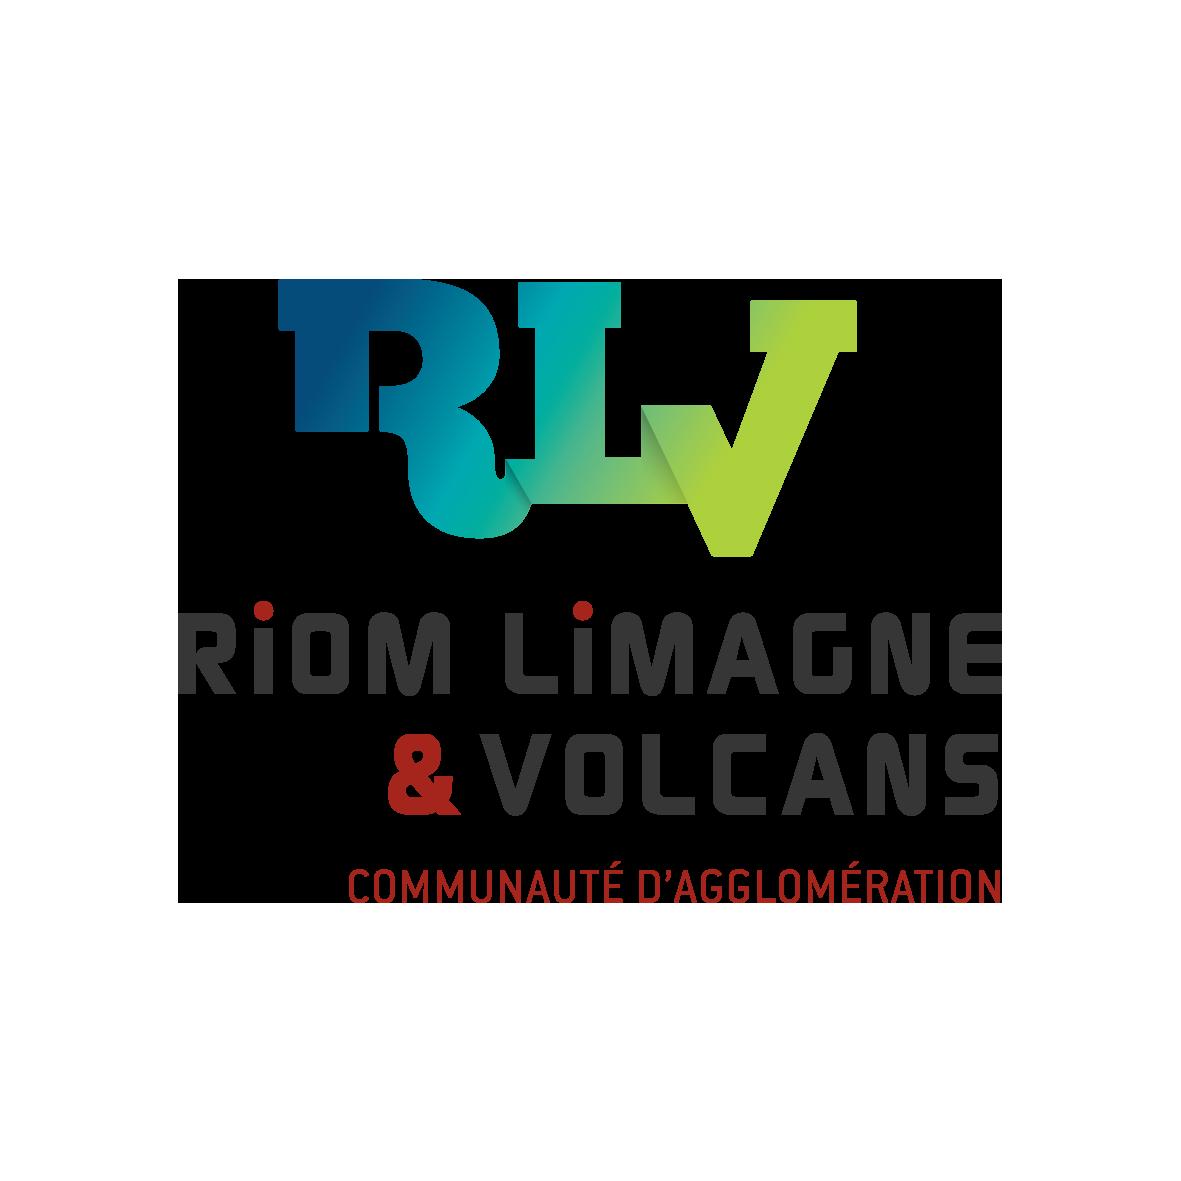 DSP ou gestion (marché public de service) - Communauté d'agglomération Riom Limagne et Volcans